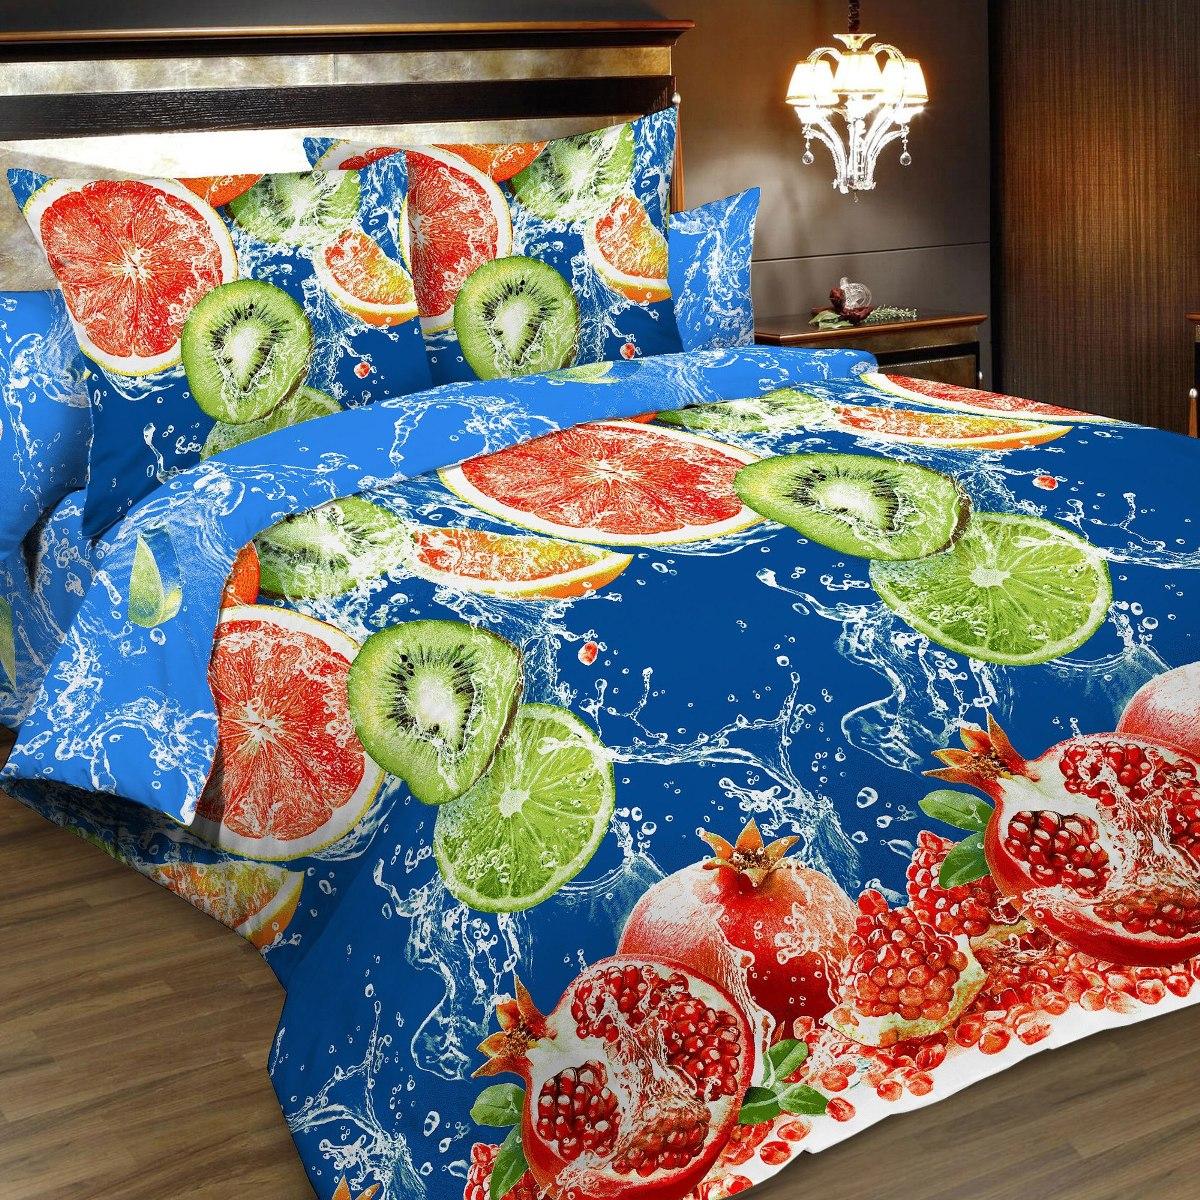 Комплект белья Letto, 1,5-спальный, наволочки 70х70. B166-3B166-3Комплект постельного белья Letto выполнен из классической российской бязи (хлопка). Комплект состоит из пододеяльника, простыни и двух наволочек. Постельное белье, оформленное сочным 3D изображением фруктов, имеет изысканный внешний вид. Пододеяльник снабжен молнией. Благодаря такому комплекту постельного белья вы сможете создать атмосферу роскоши и романтики в вашей спальне. Уважаемые клиенты! Обращаем ваше внимание на тот факт, что расцветка наволочек может отличаться от представленной на фото.